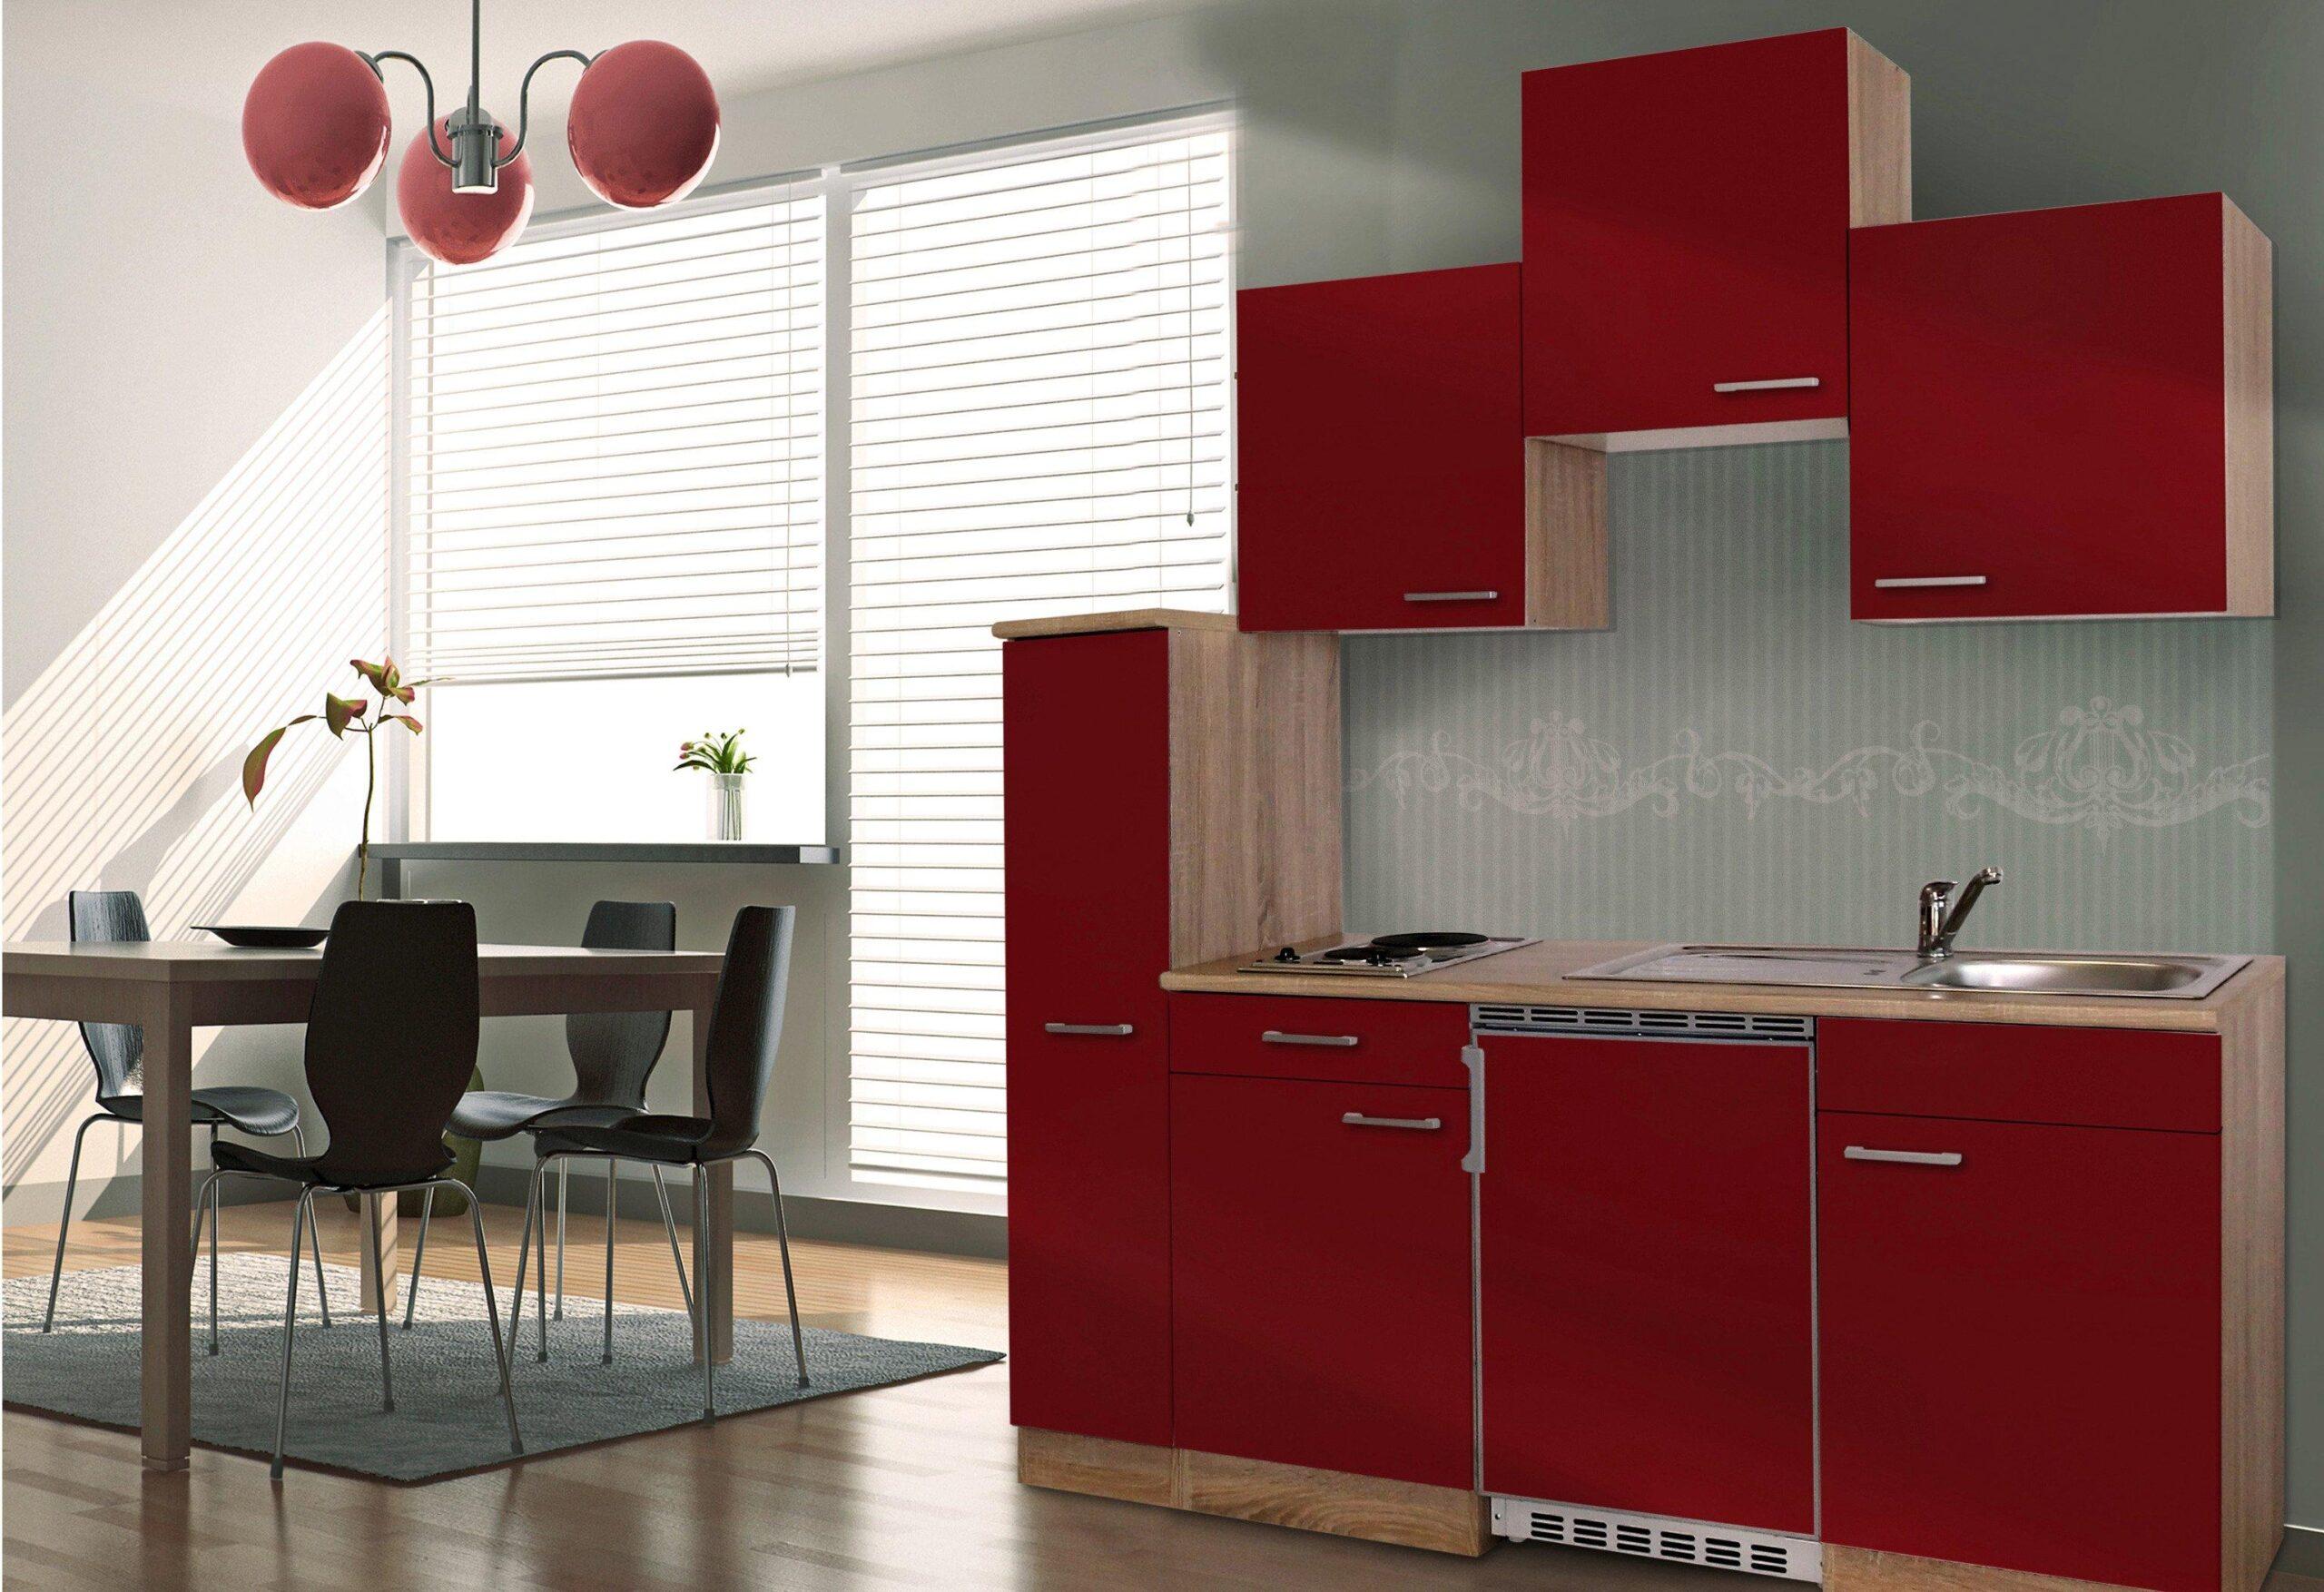 Full Size of Miniküchen Minikchen Online Kaufen Mbel Suchmaschine Ladendirektde Wohnzimmer Miniküchen